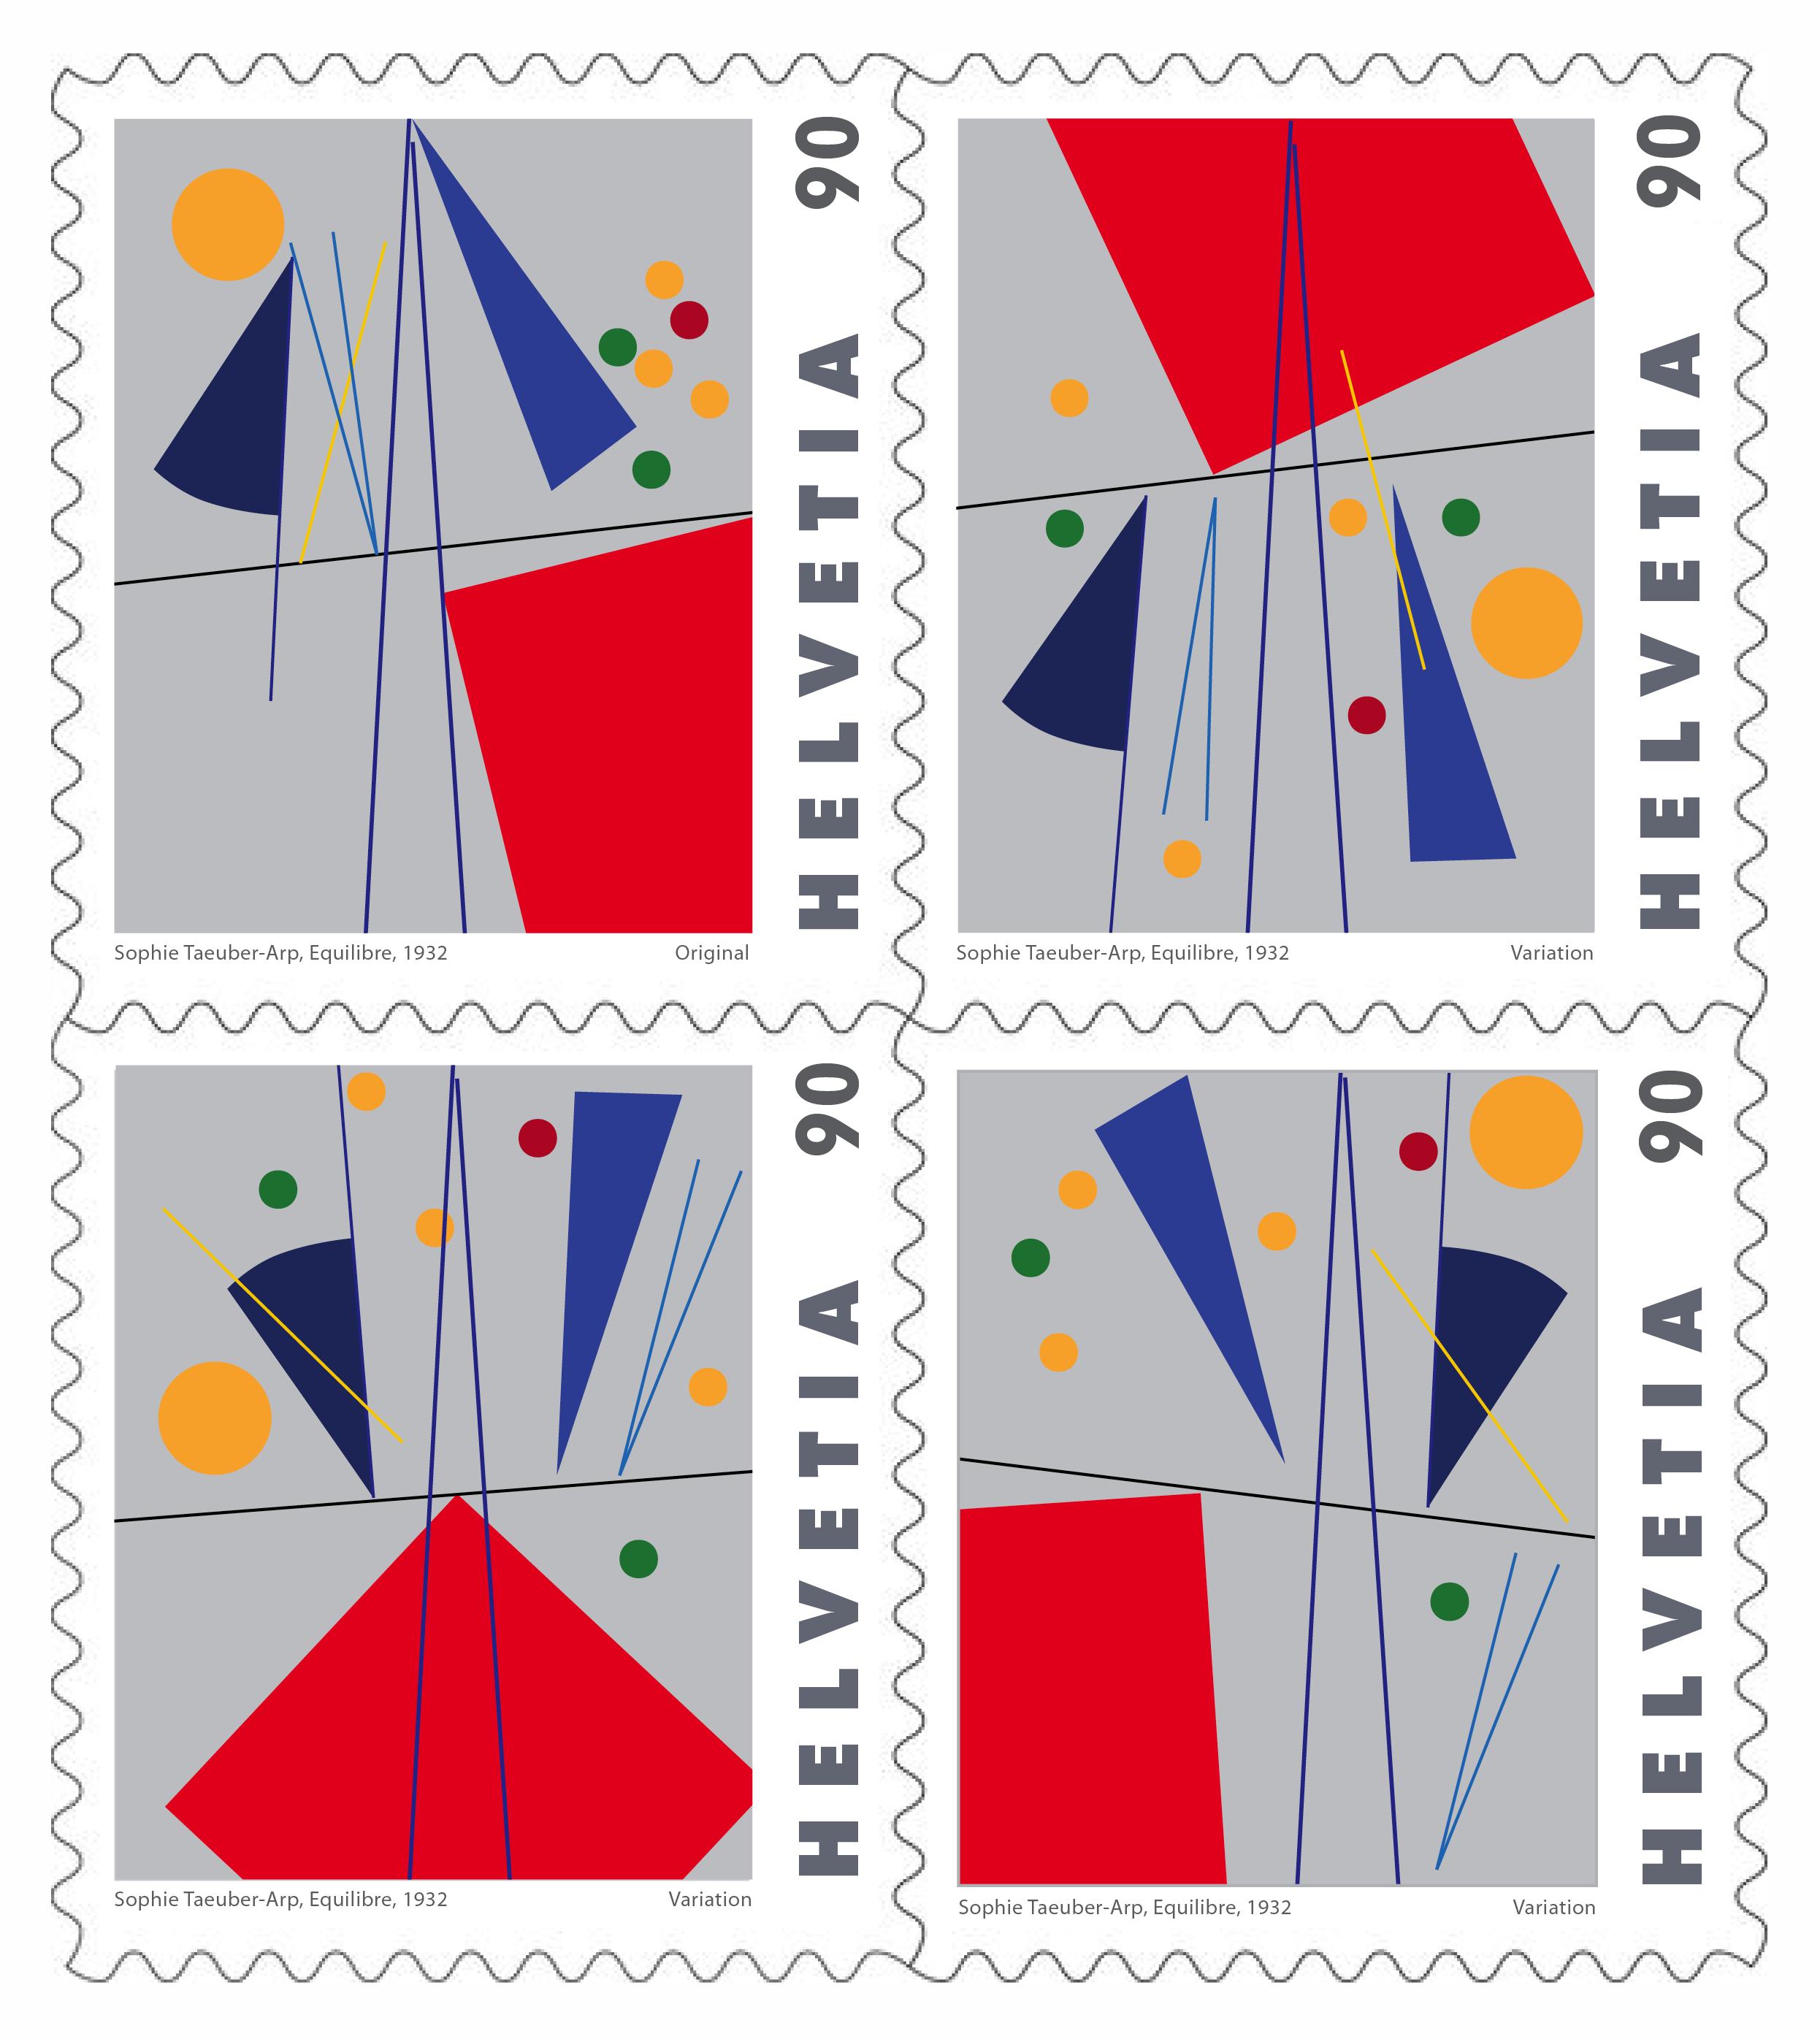 Sophie Taeuber-Arp, Equilibre, 1932 (Upper Left Corner) + Variations.